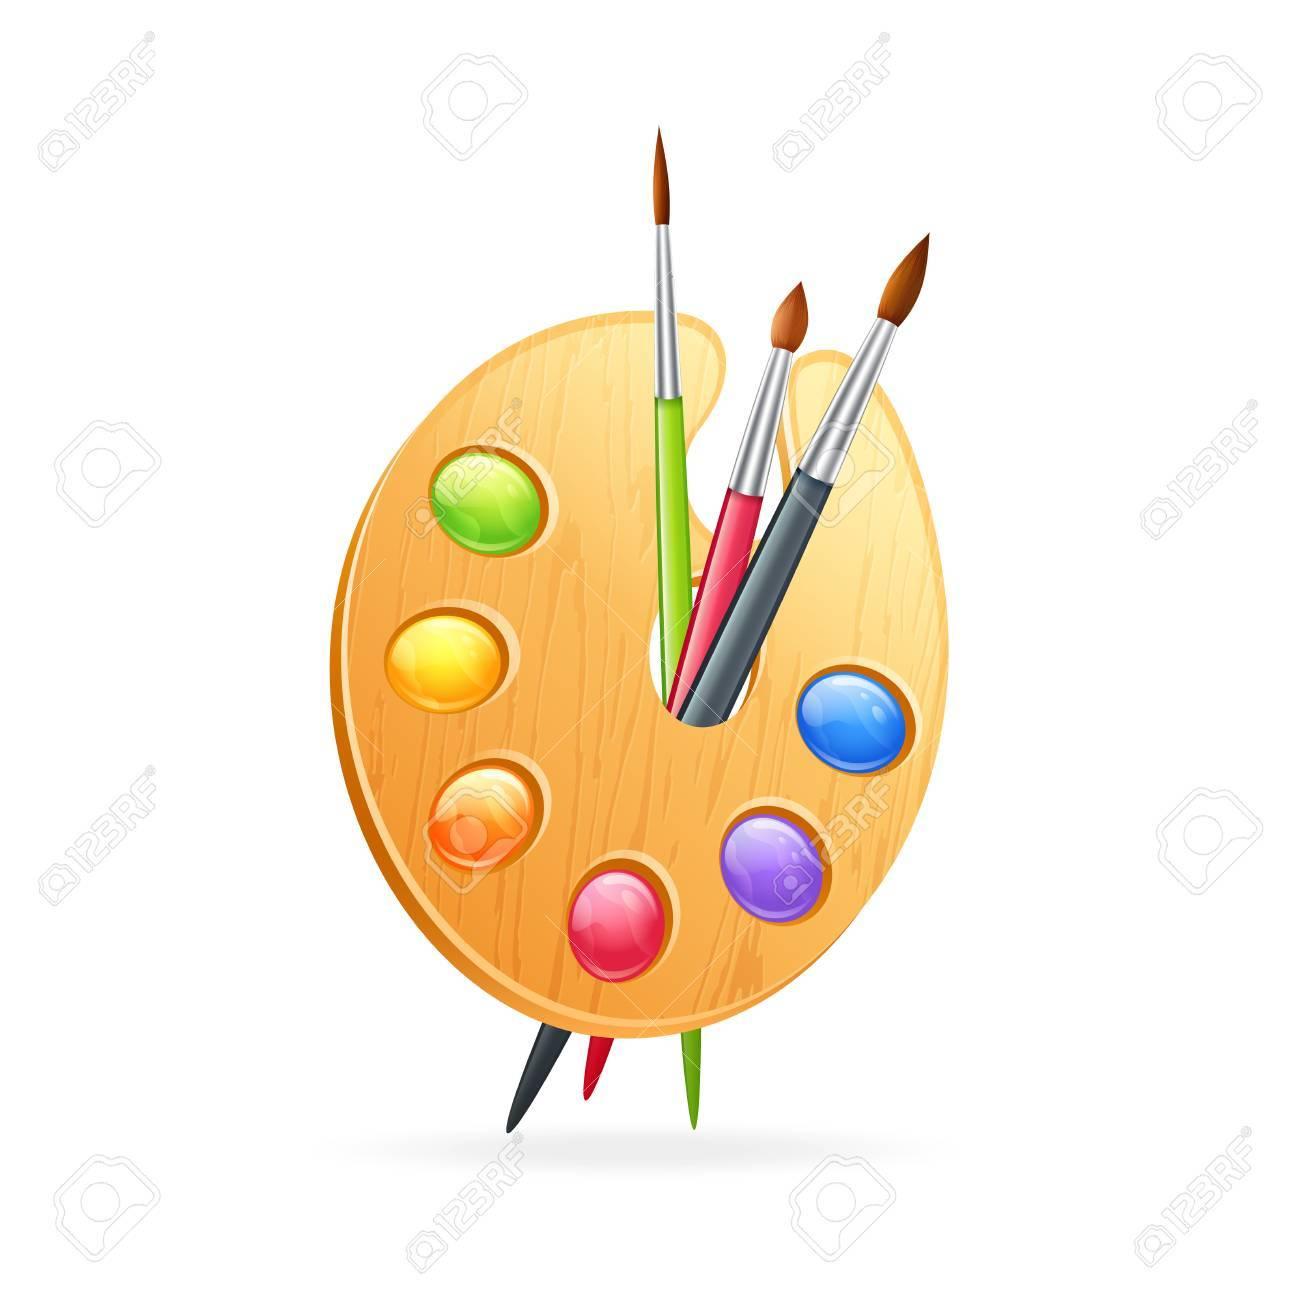 Palette En Bois Texturé De Réaliste Artiste Pour Dessiner Avec Des Peintures Colorées Et Pinceaux Isolés Sur Fond Vide